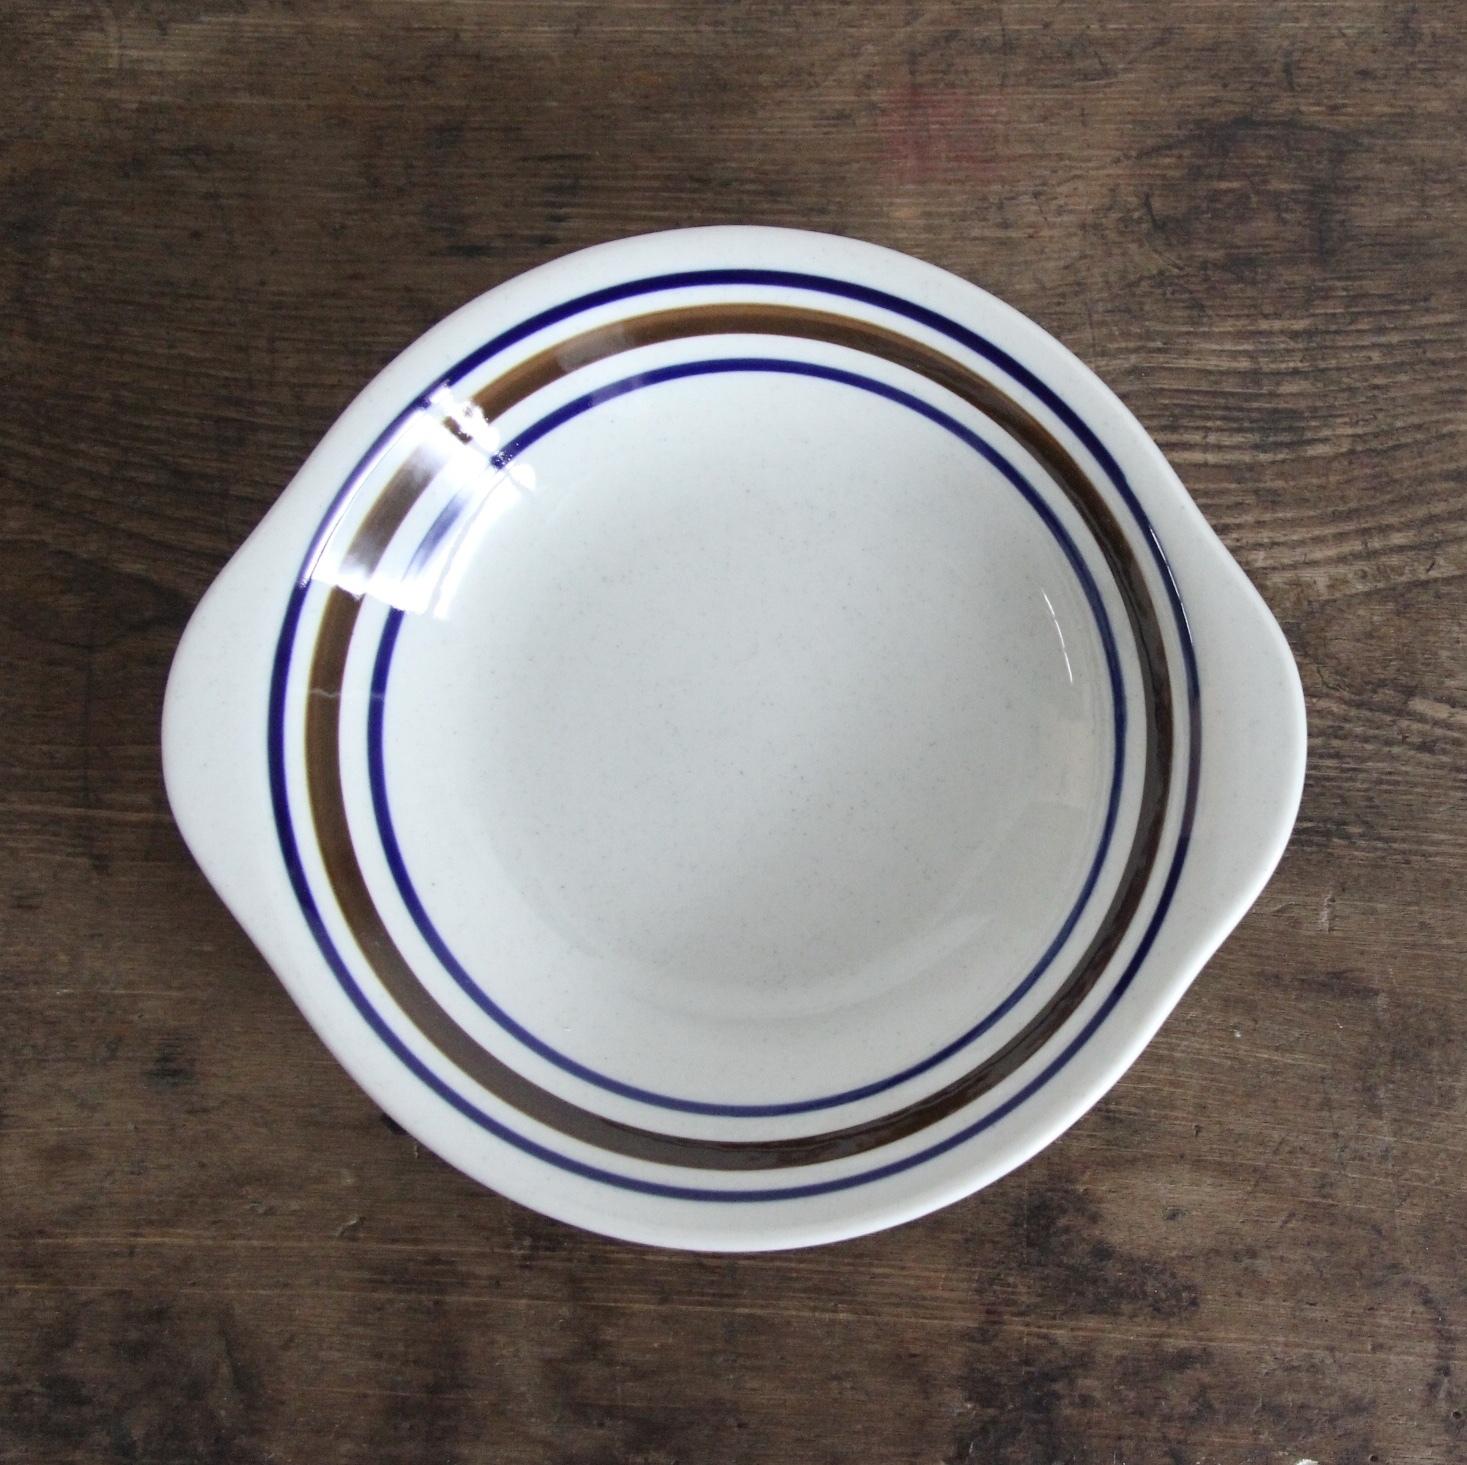 marumi ストライプ スープ皿 在庫3枚